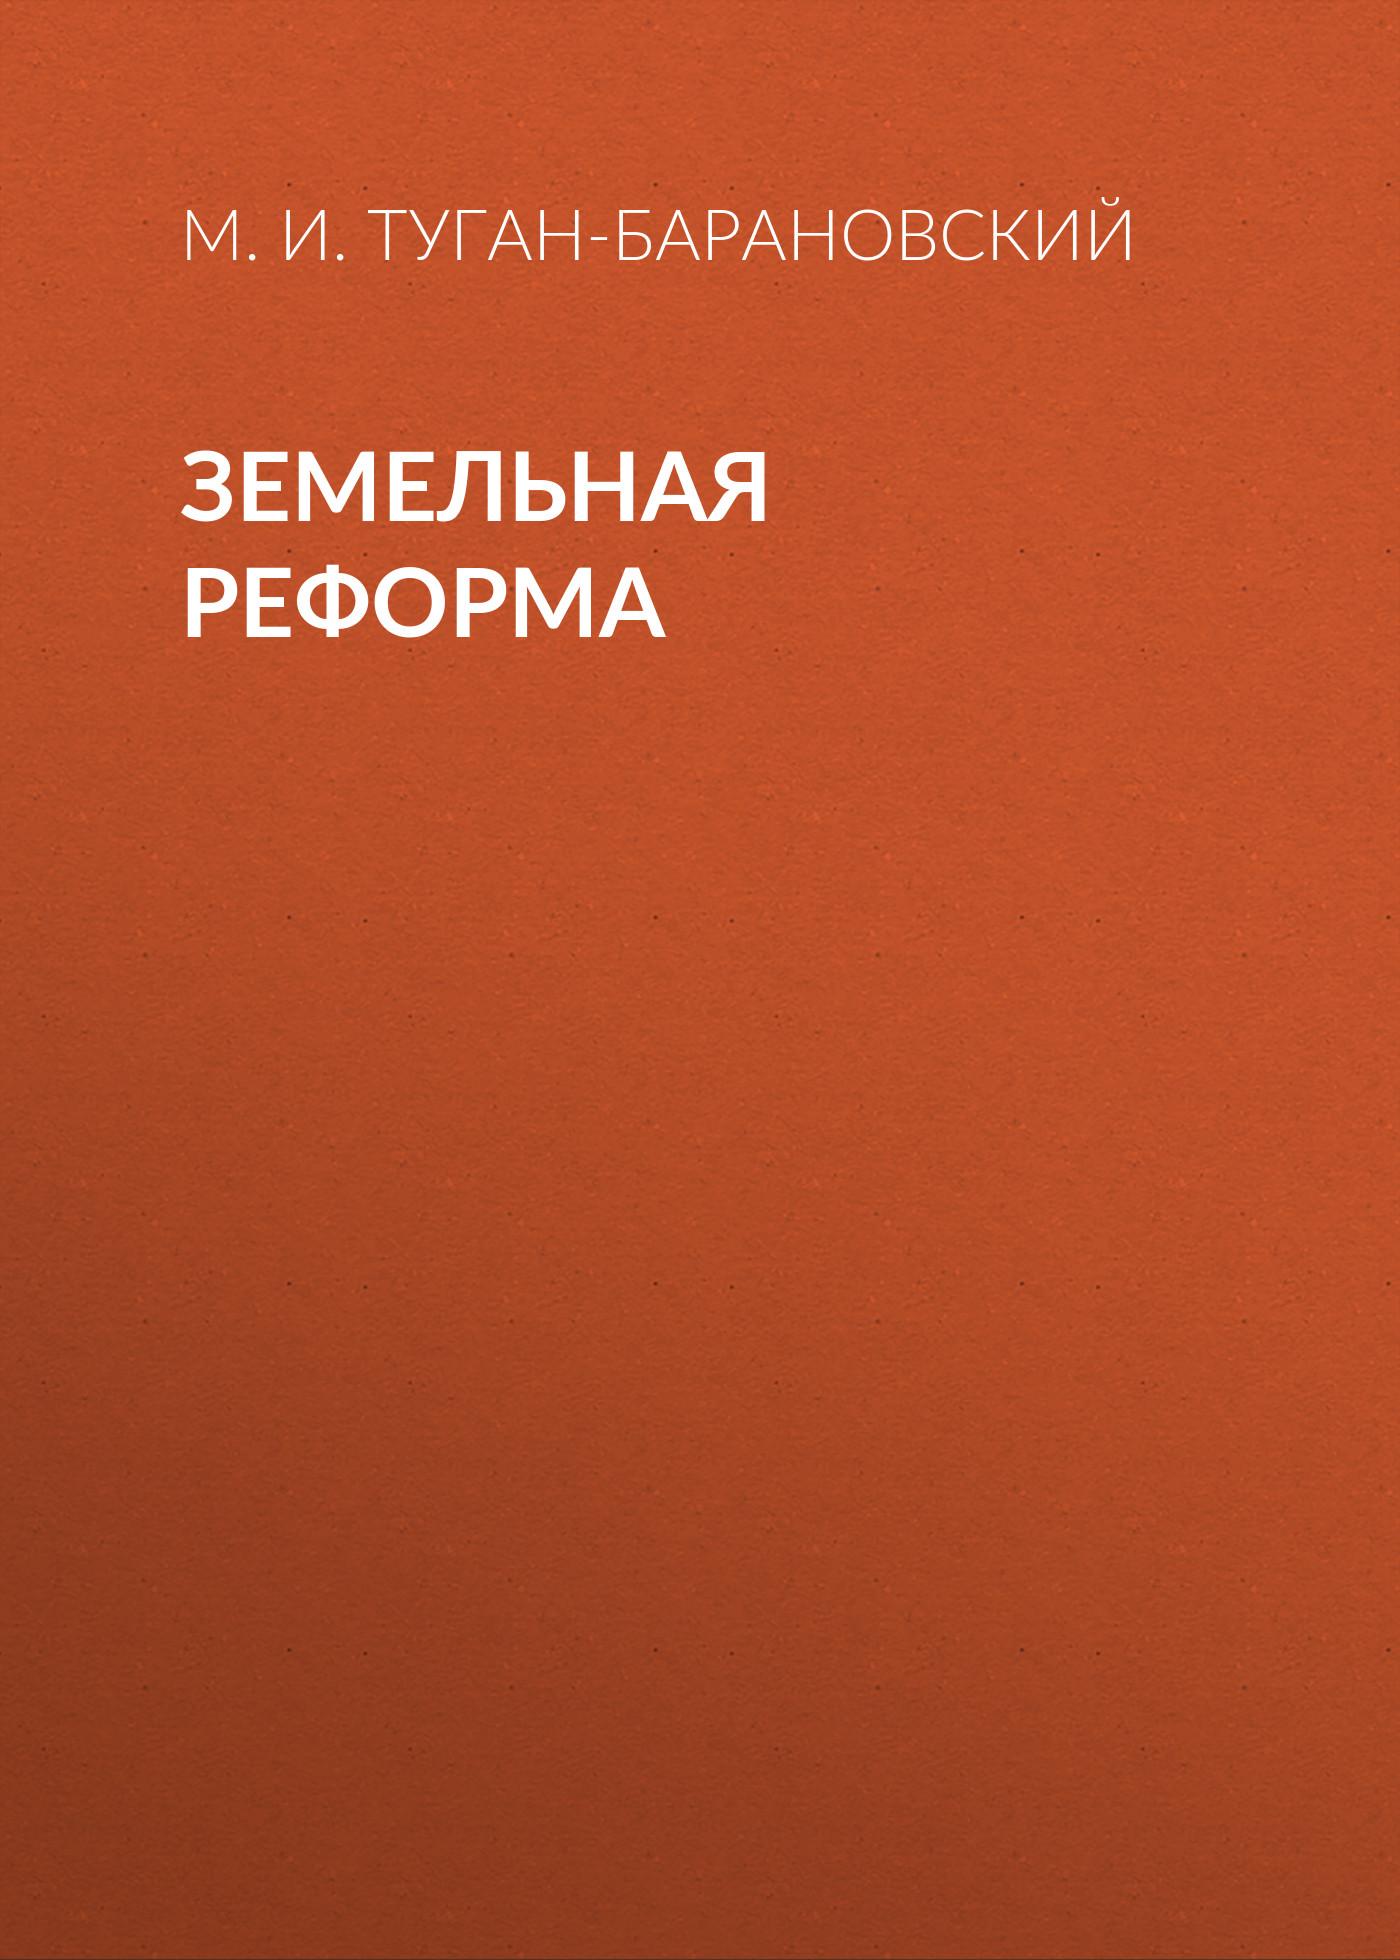 М. И. Туган-Барановский Земельная реформа милюков п шингарев а туган барановский м и др великая война век xx комплект из 2 книг